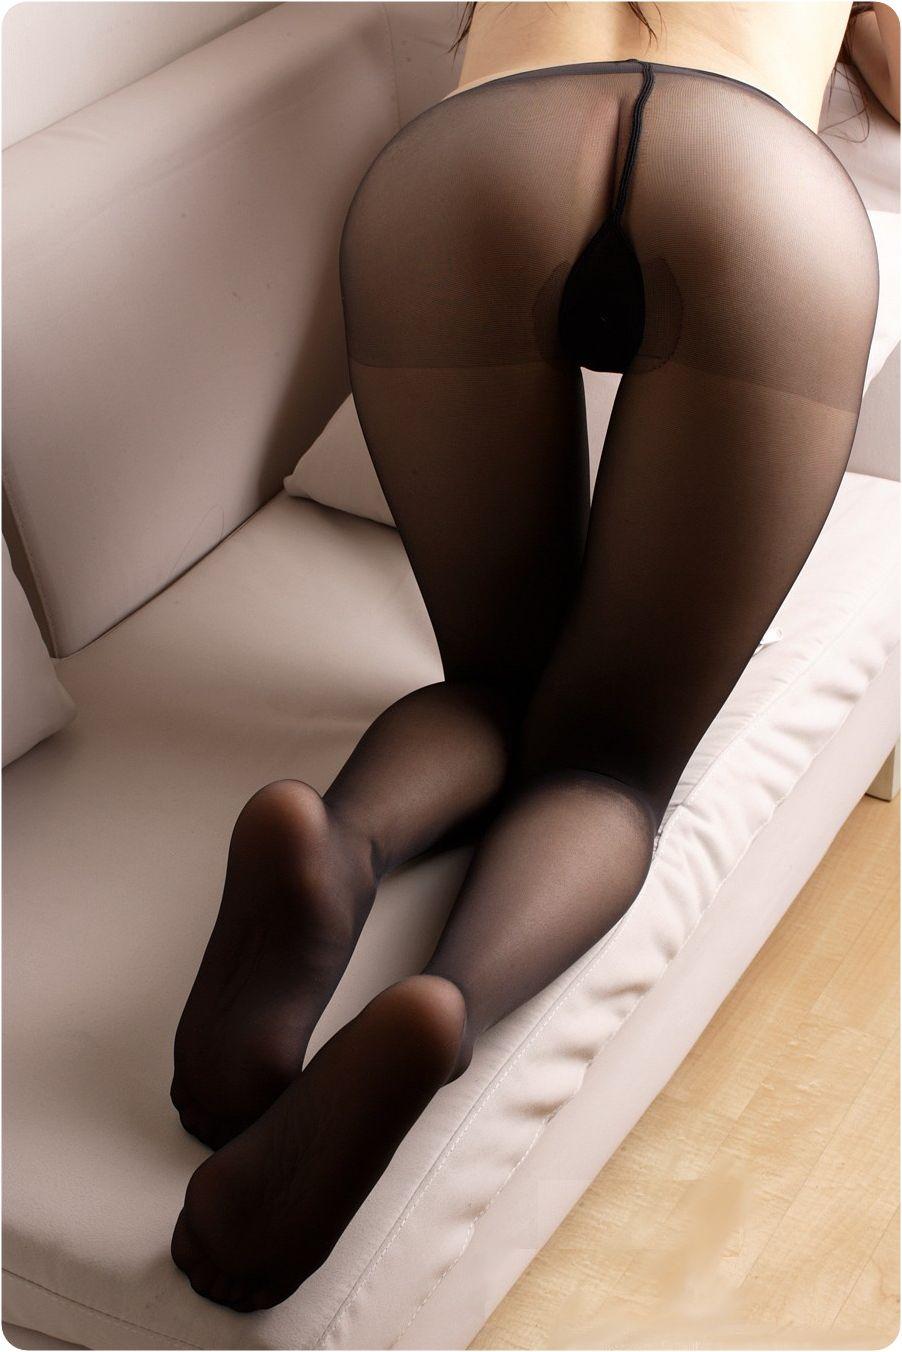 【パンストエロ画像】ほんのり肌色がそそるw黒パンスト纏ったムッチリ下半身www 09